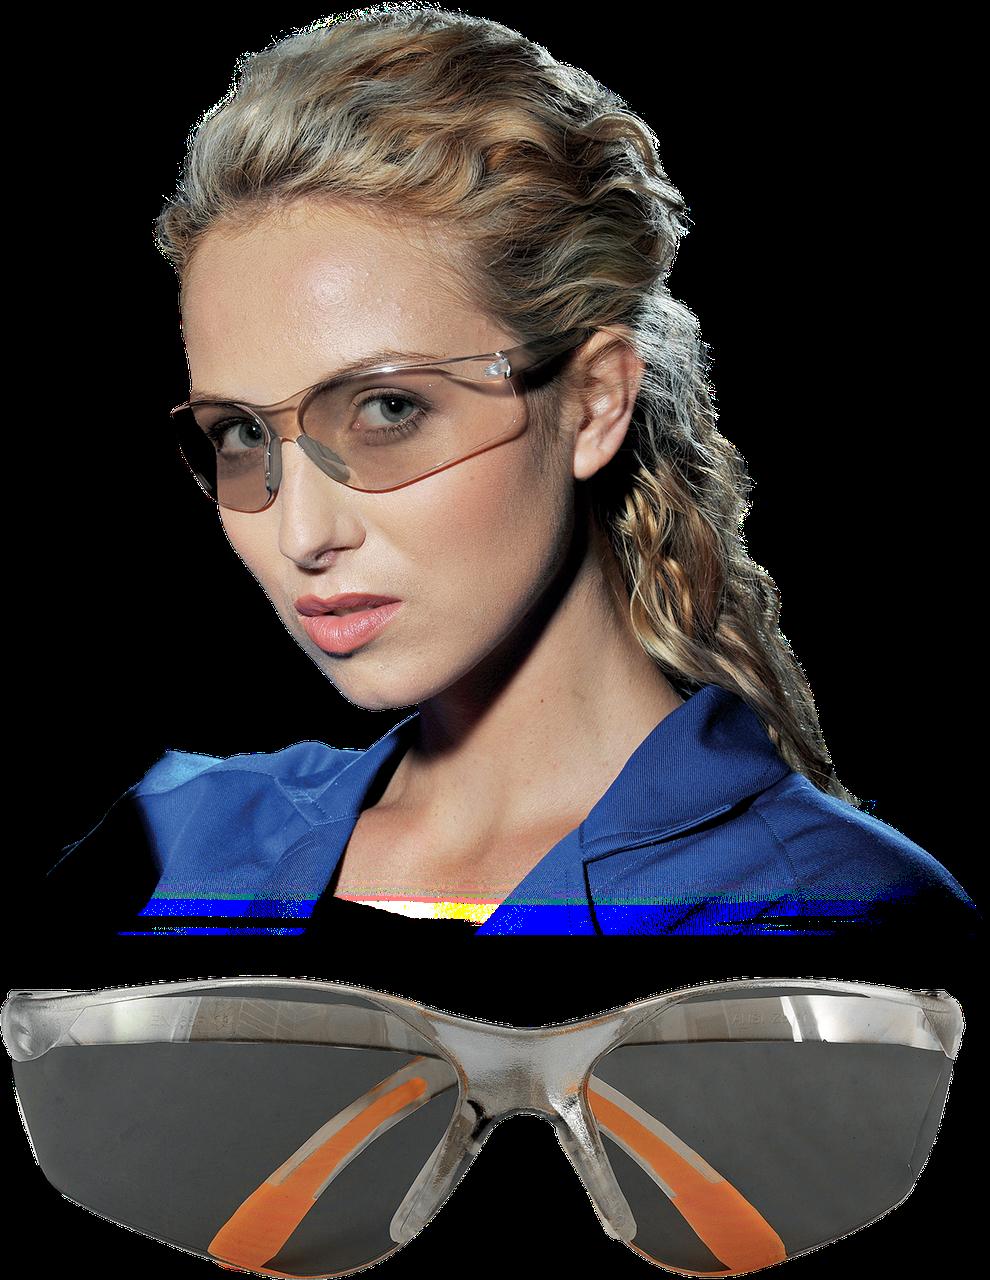 Противоосколочные защитные очки OO-VIRGINIA SP рабочие Reis Польша